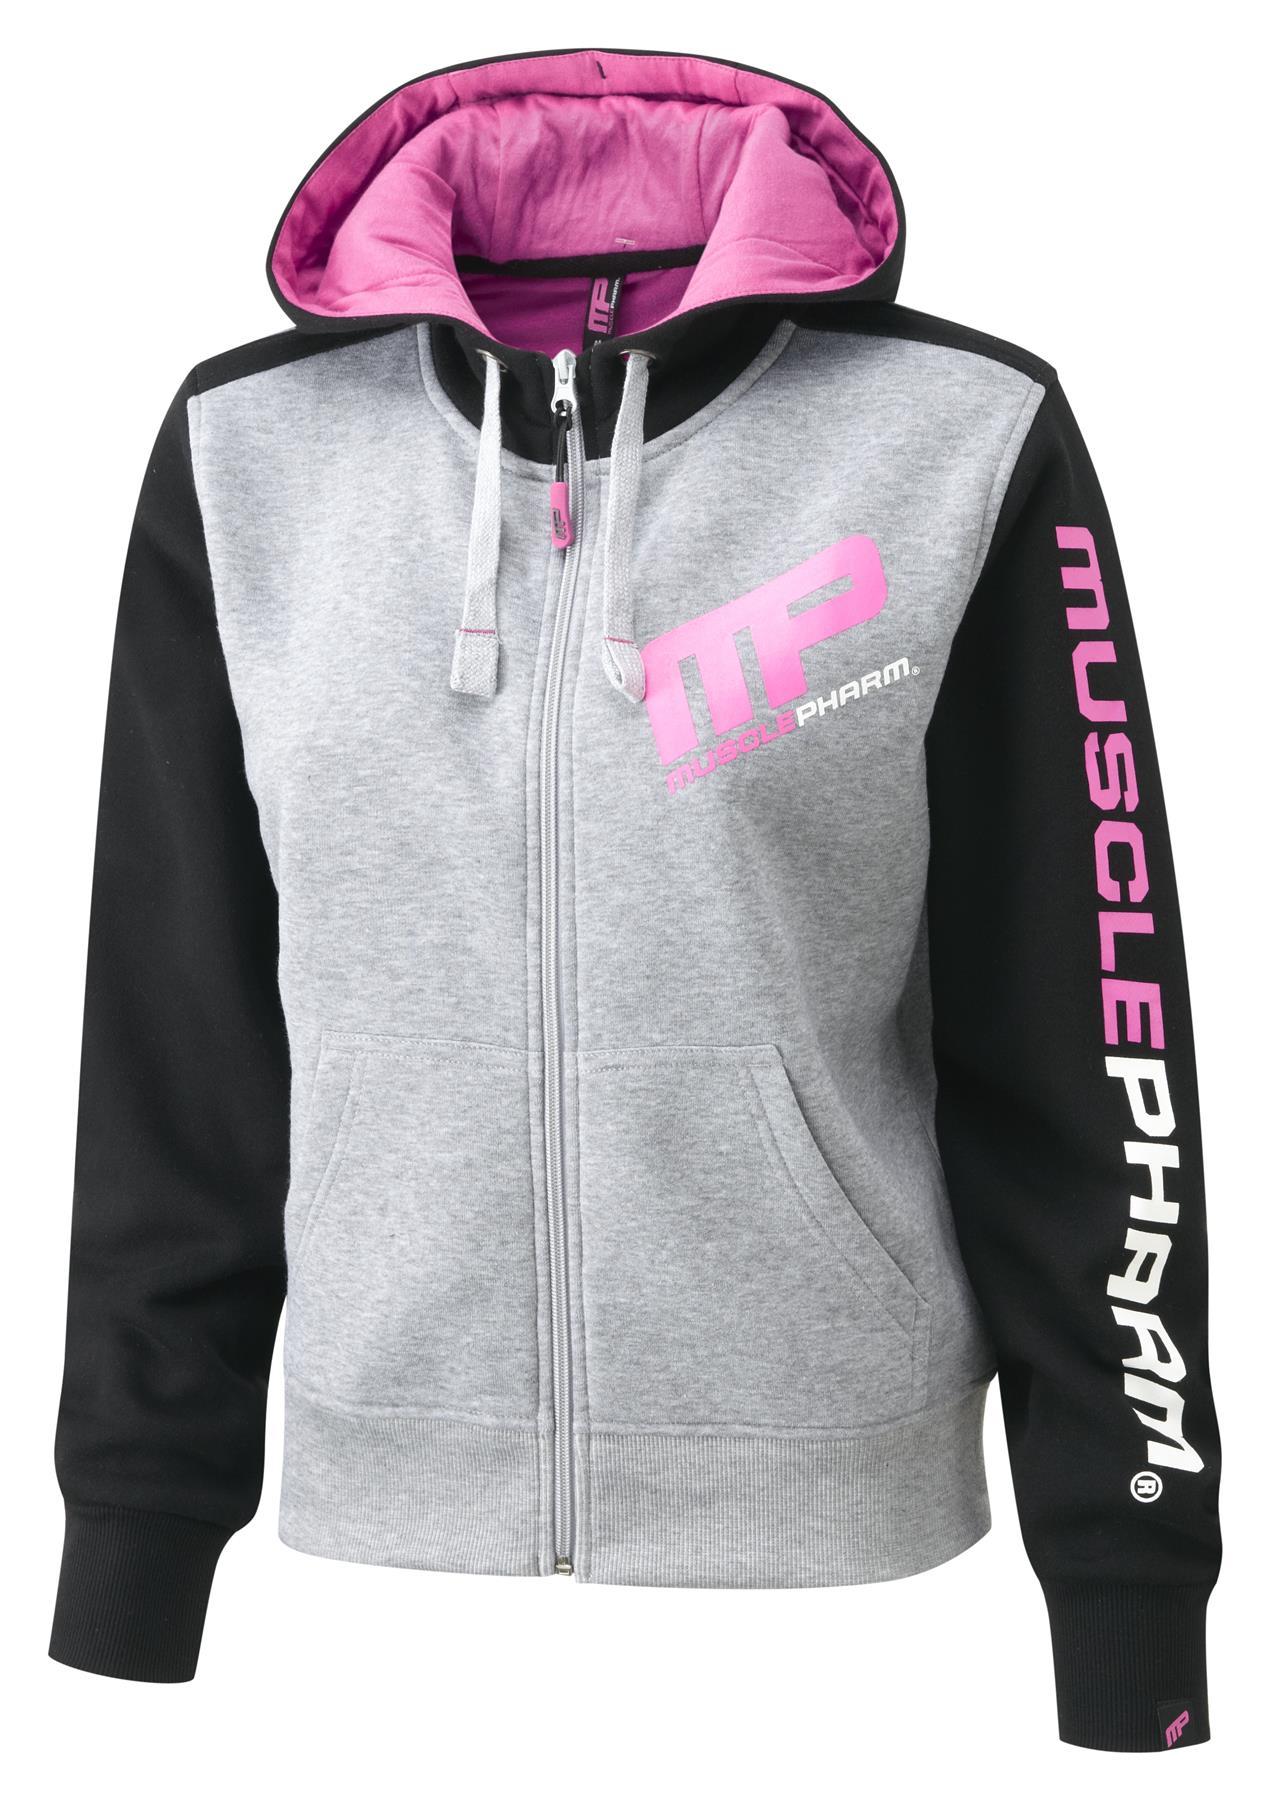 MusclePharm Ladies Contrast Printed Zip Hooded Hoody Gym Sweater Hoodie XS-L